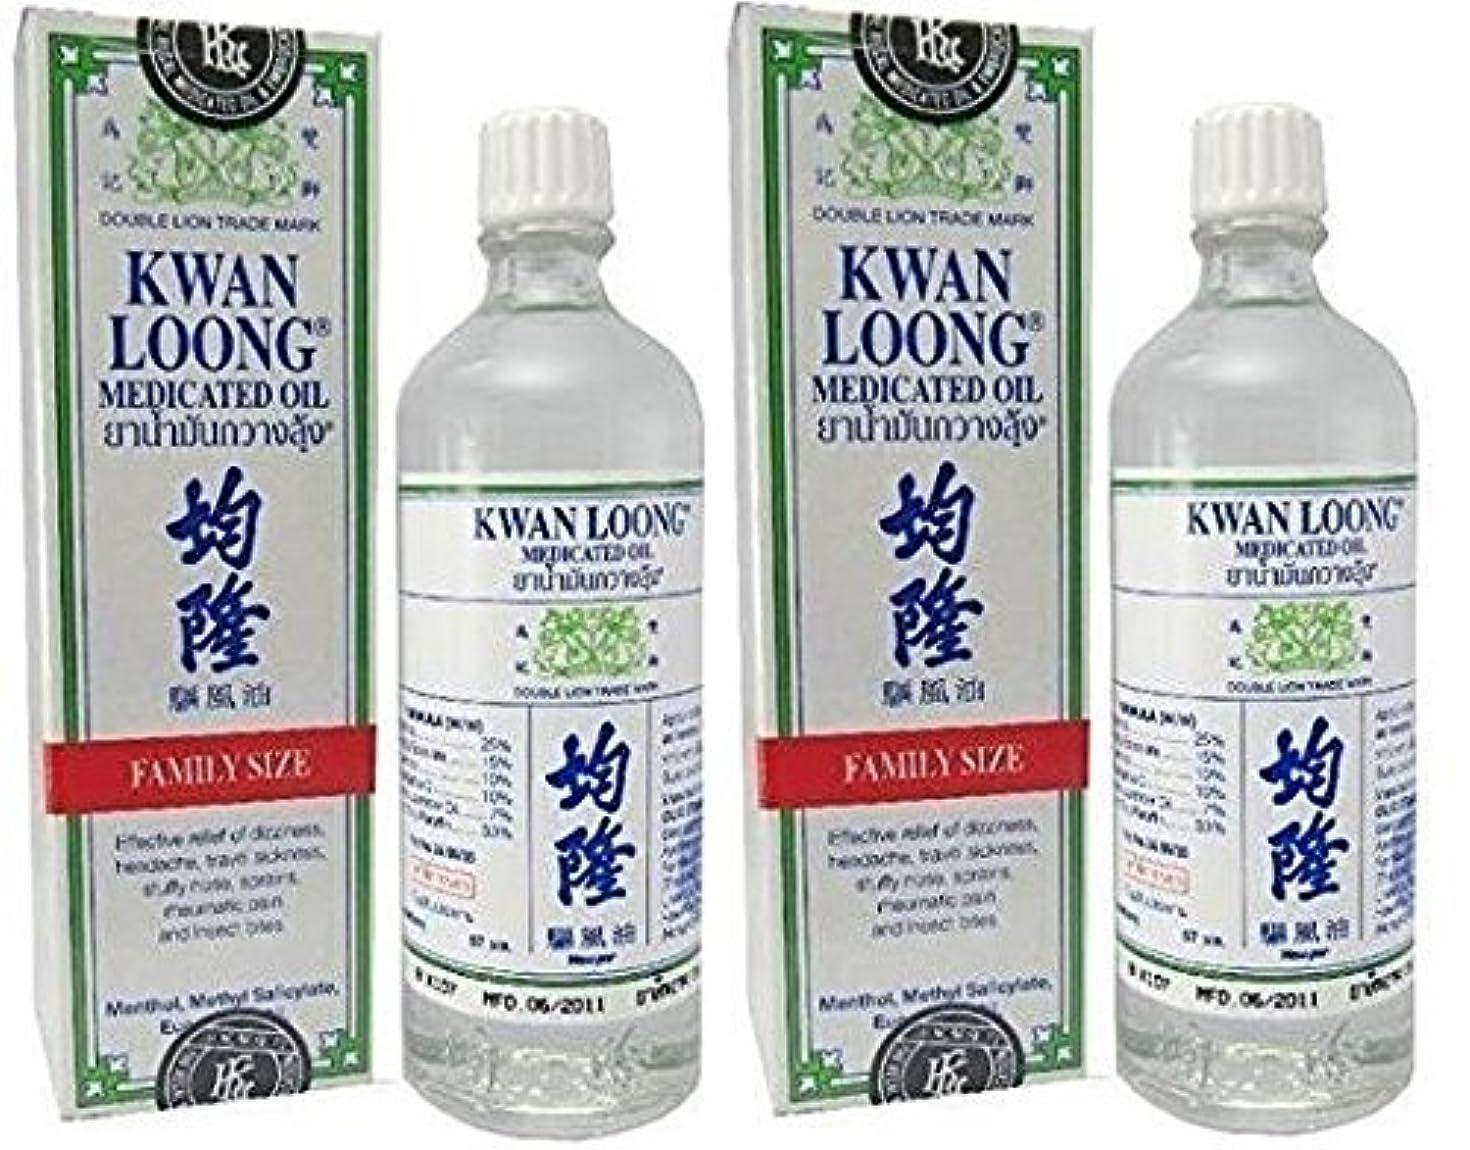 タービン過度に砂漠クワンルーン薬用オイル 2 x 57ミリリットル 2 x Kwan Loong Medicated Oil 57ml. Free Shipping.